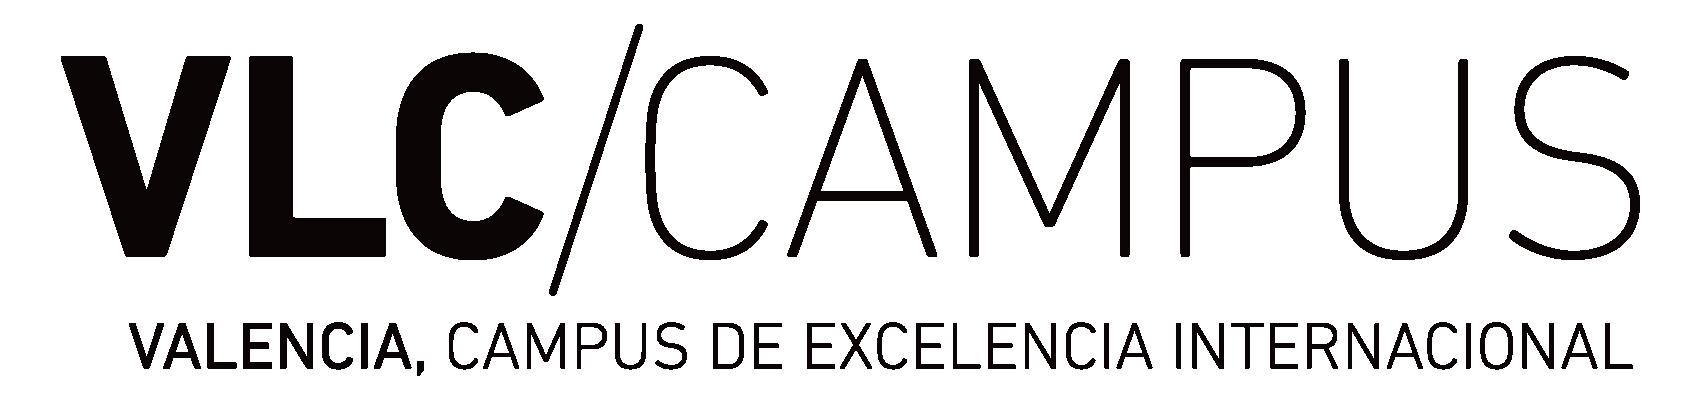 VLC-CAMPUS